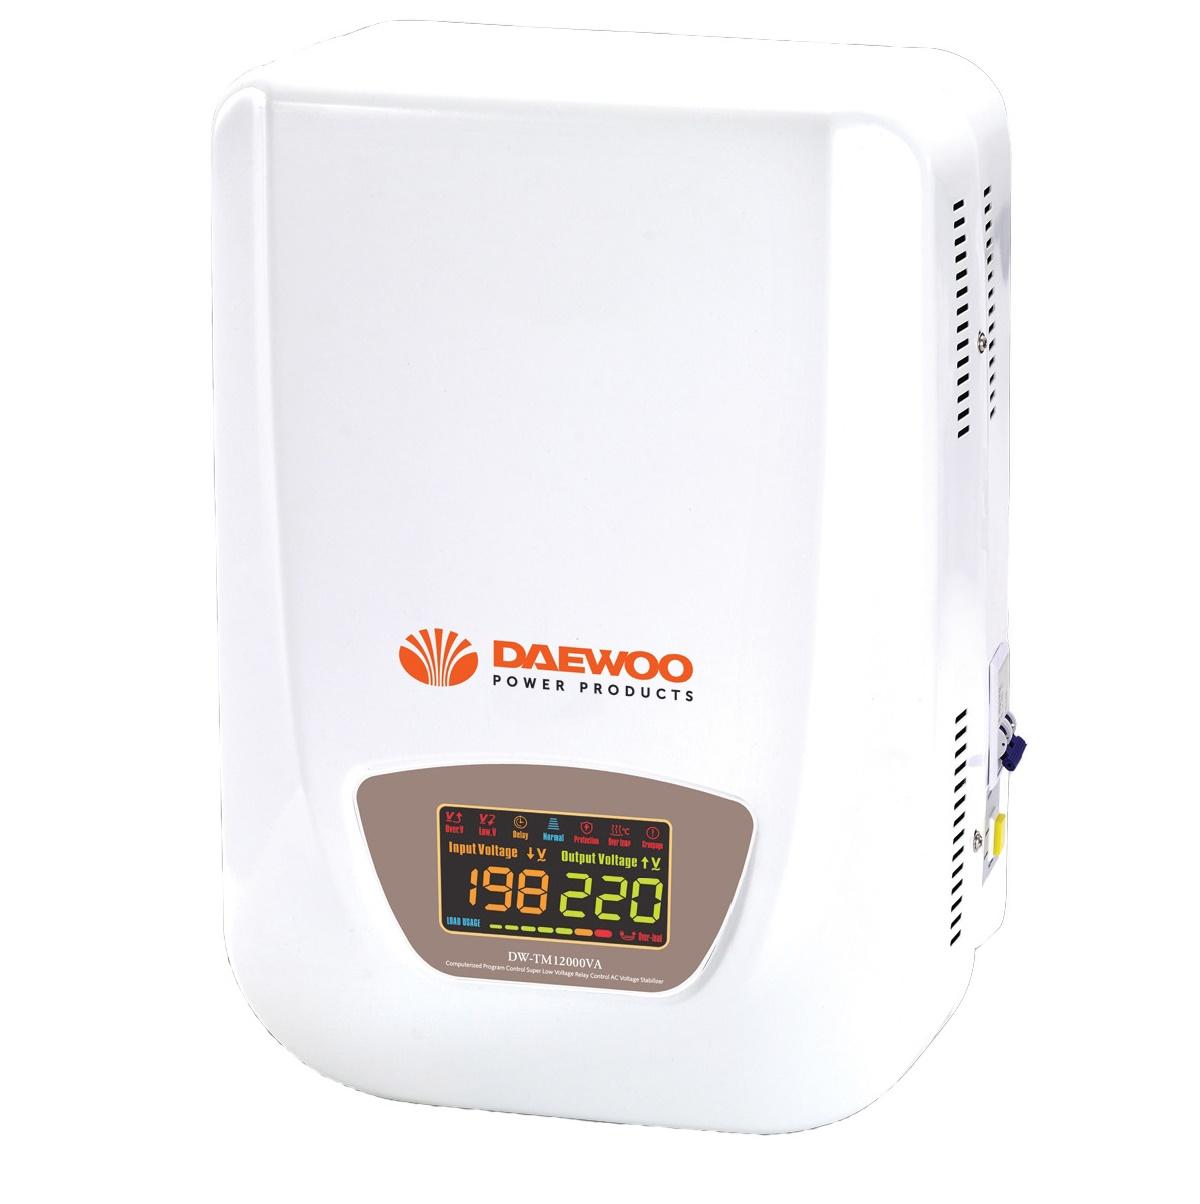 Стабилизатор напряжения Daewoo DW-TM5KVAСетевые фильтры и стабилизаторы<br>Автоматический стабилизатор напряжения DW-TM5kVA предназначен для поддержания стабильного однофазного напряжения в пределах 220 В при частоте 50/60 Гц в случаях отклонения сетевого напряжения в широких пределах по значению и длительности. Стабилизатор подходит как для бытового, так и для промышленного применения.<br><br>Стабилизатор может работать в широком диапазоне входного напряжения: от 140 В до 270 В. Возможность постоянного контроля входного и выходного напряжения обеспечена наличием многофункционального цветного дисплея.<br><br>Индикатор нагрузки позволяет...<br><br>Тип: стабилизатор напряжения